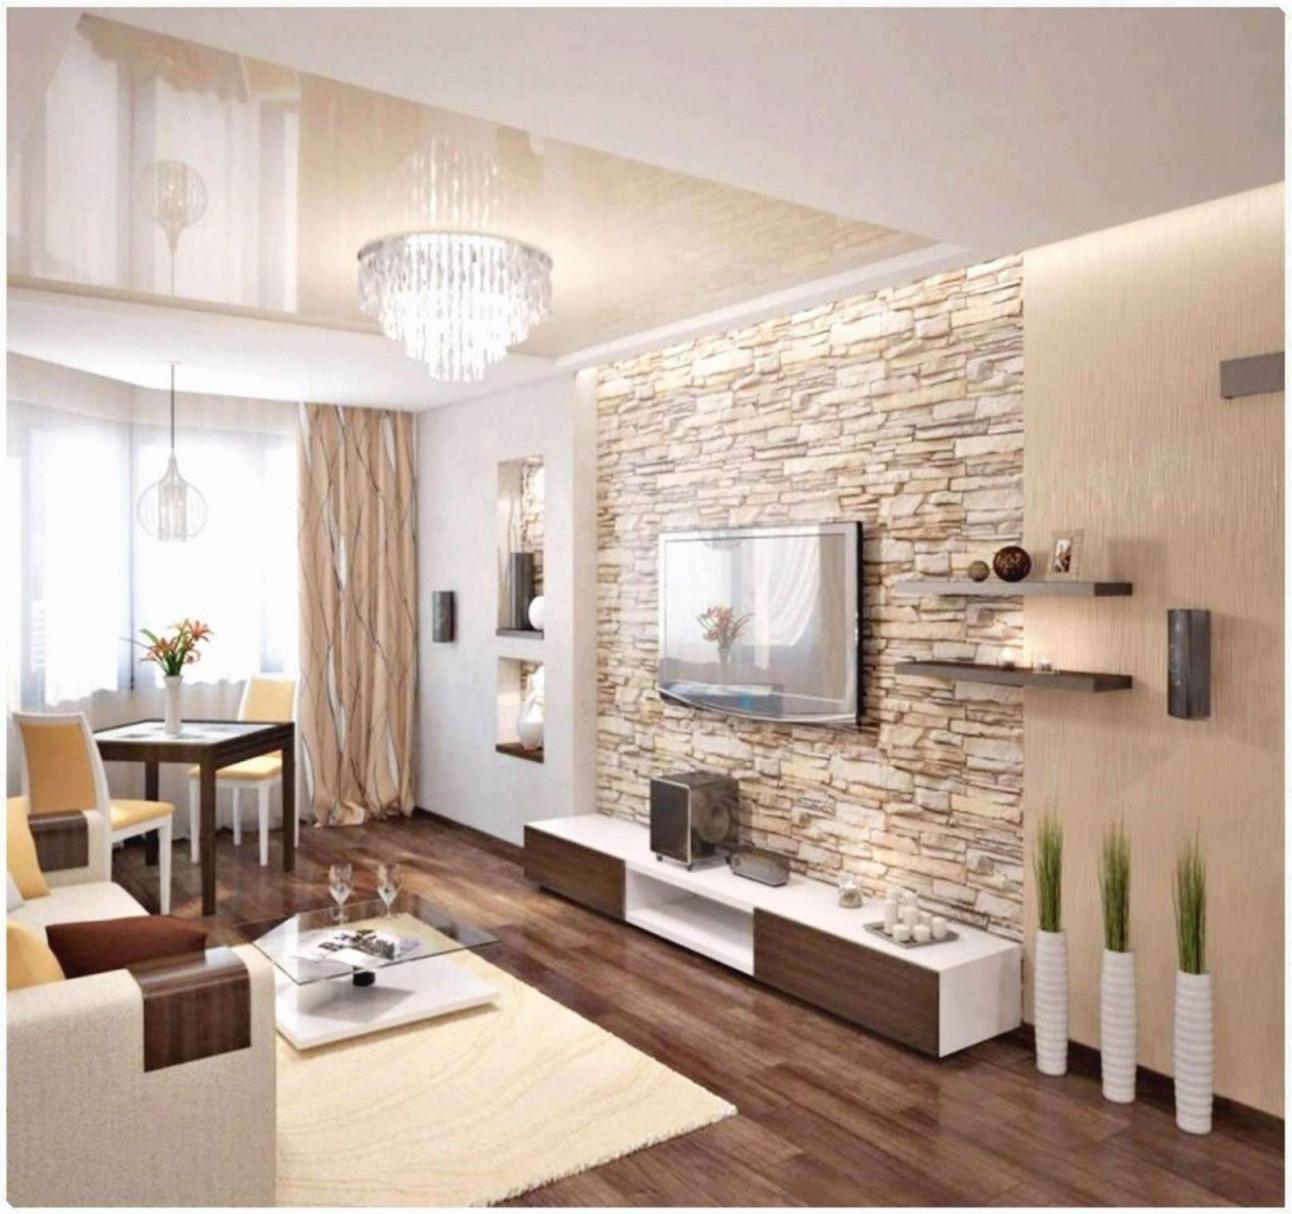 29 Luxus Wohnzimmer Einrichten Ideen Genial  Wohnzimmer Frisch von Ideen Wohnzimmer Gestalten Bild